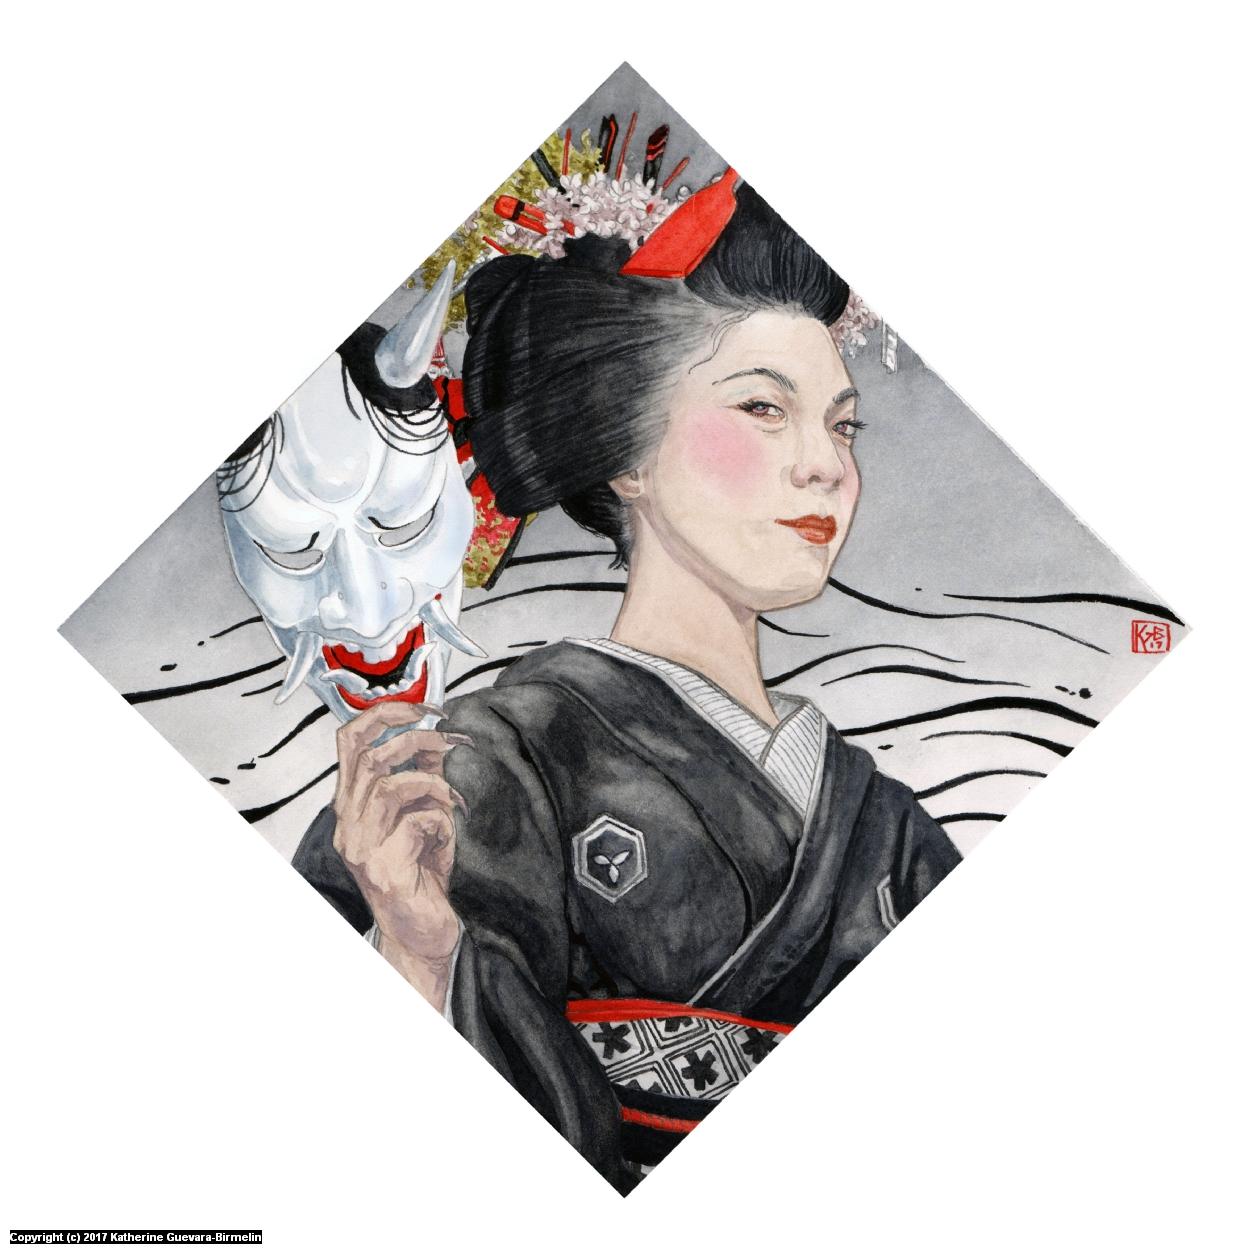 Kijo Artwork by Katherine Guevara-Birmelin